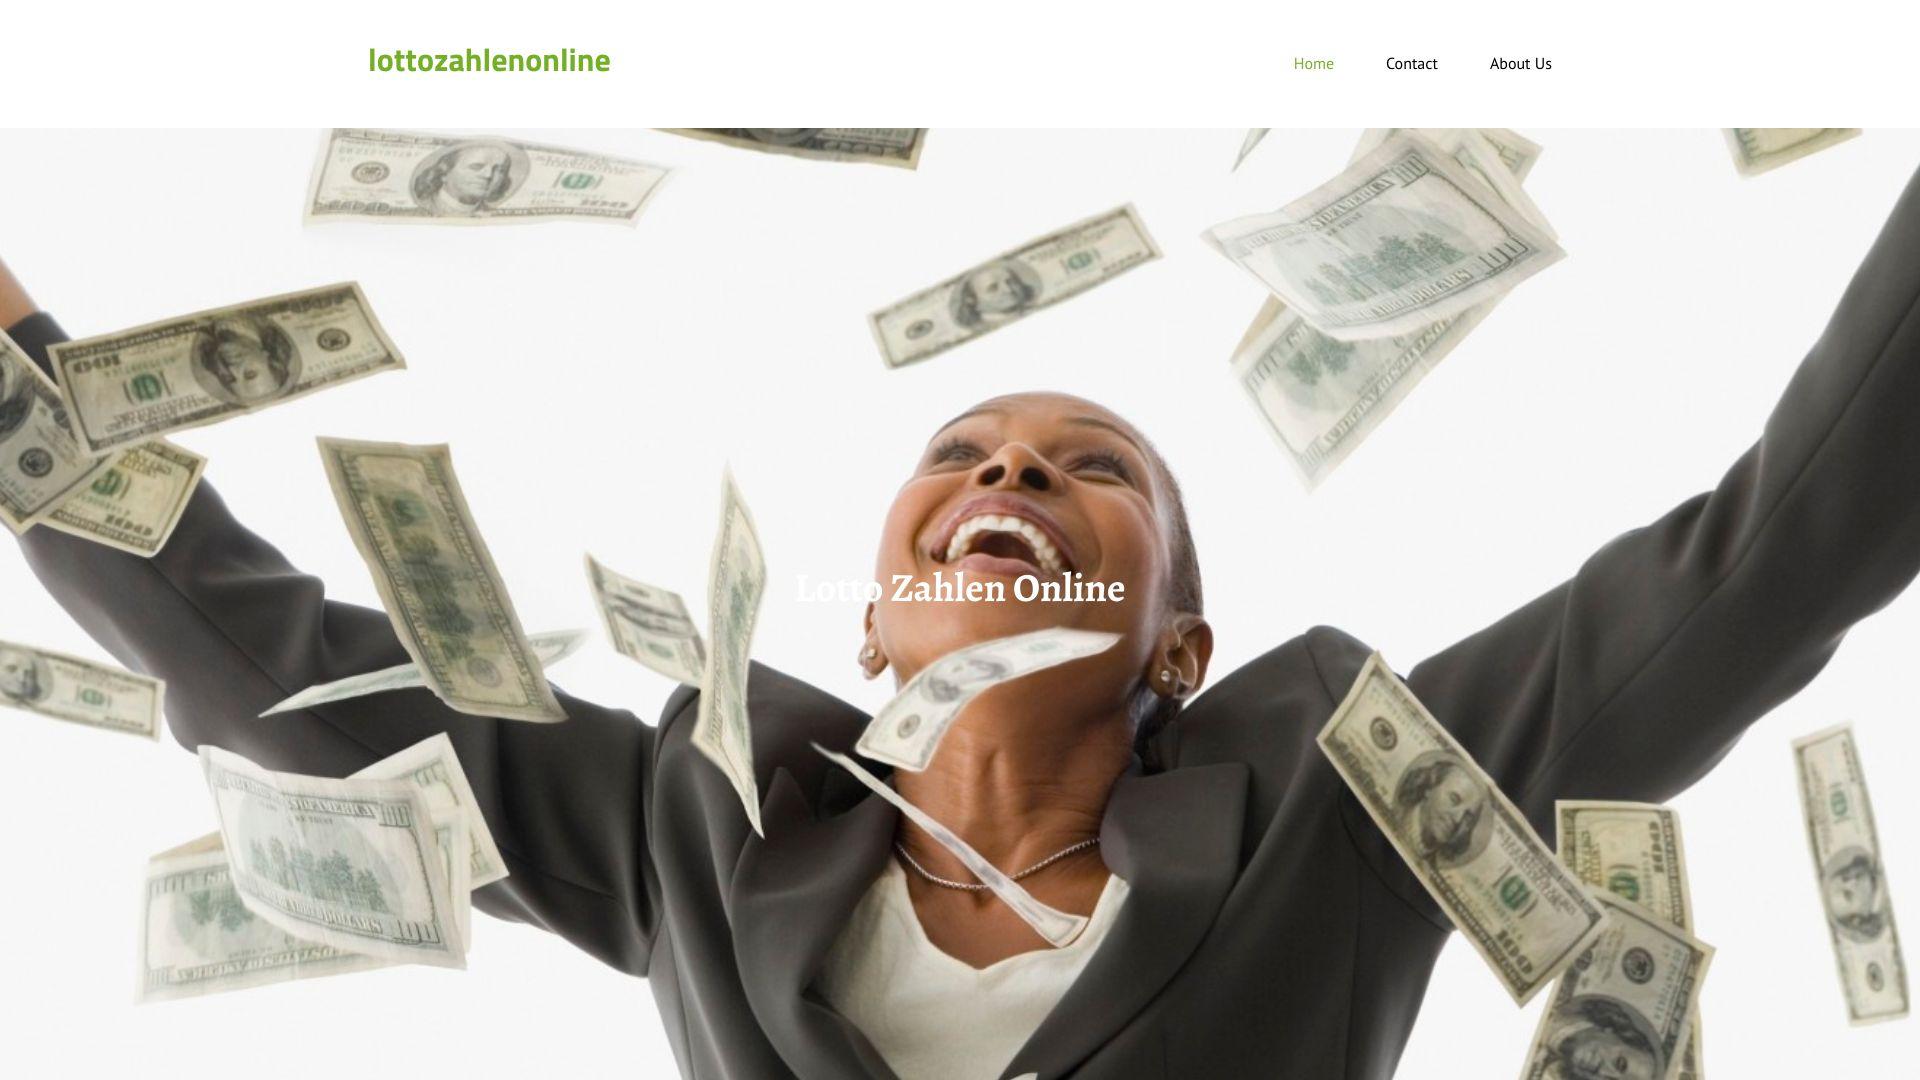 lottozahlenonline.yolasite.com